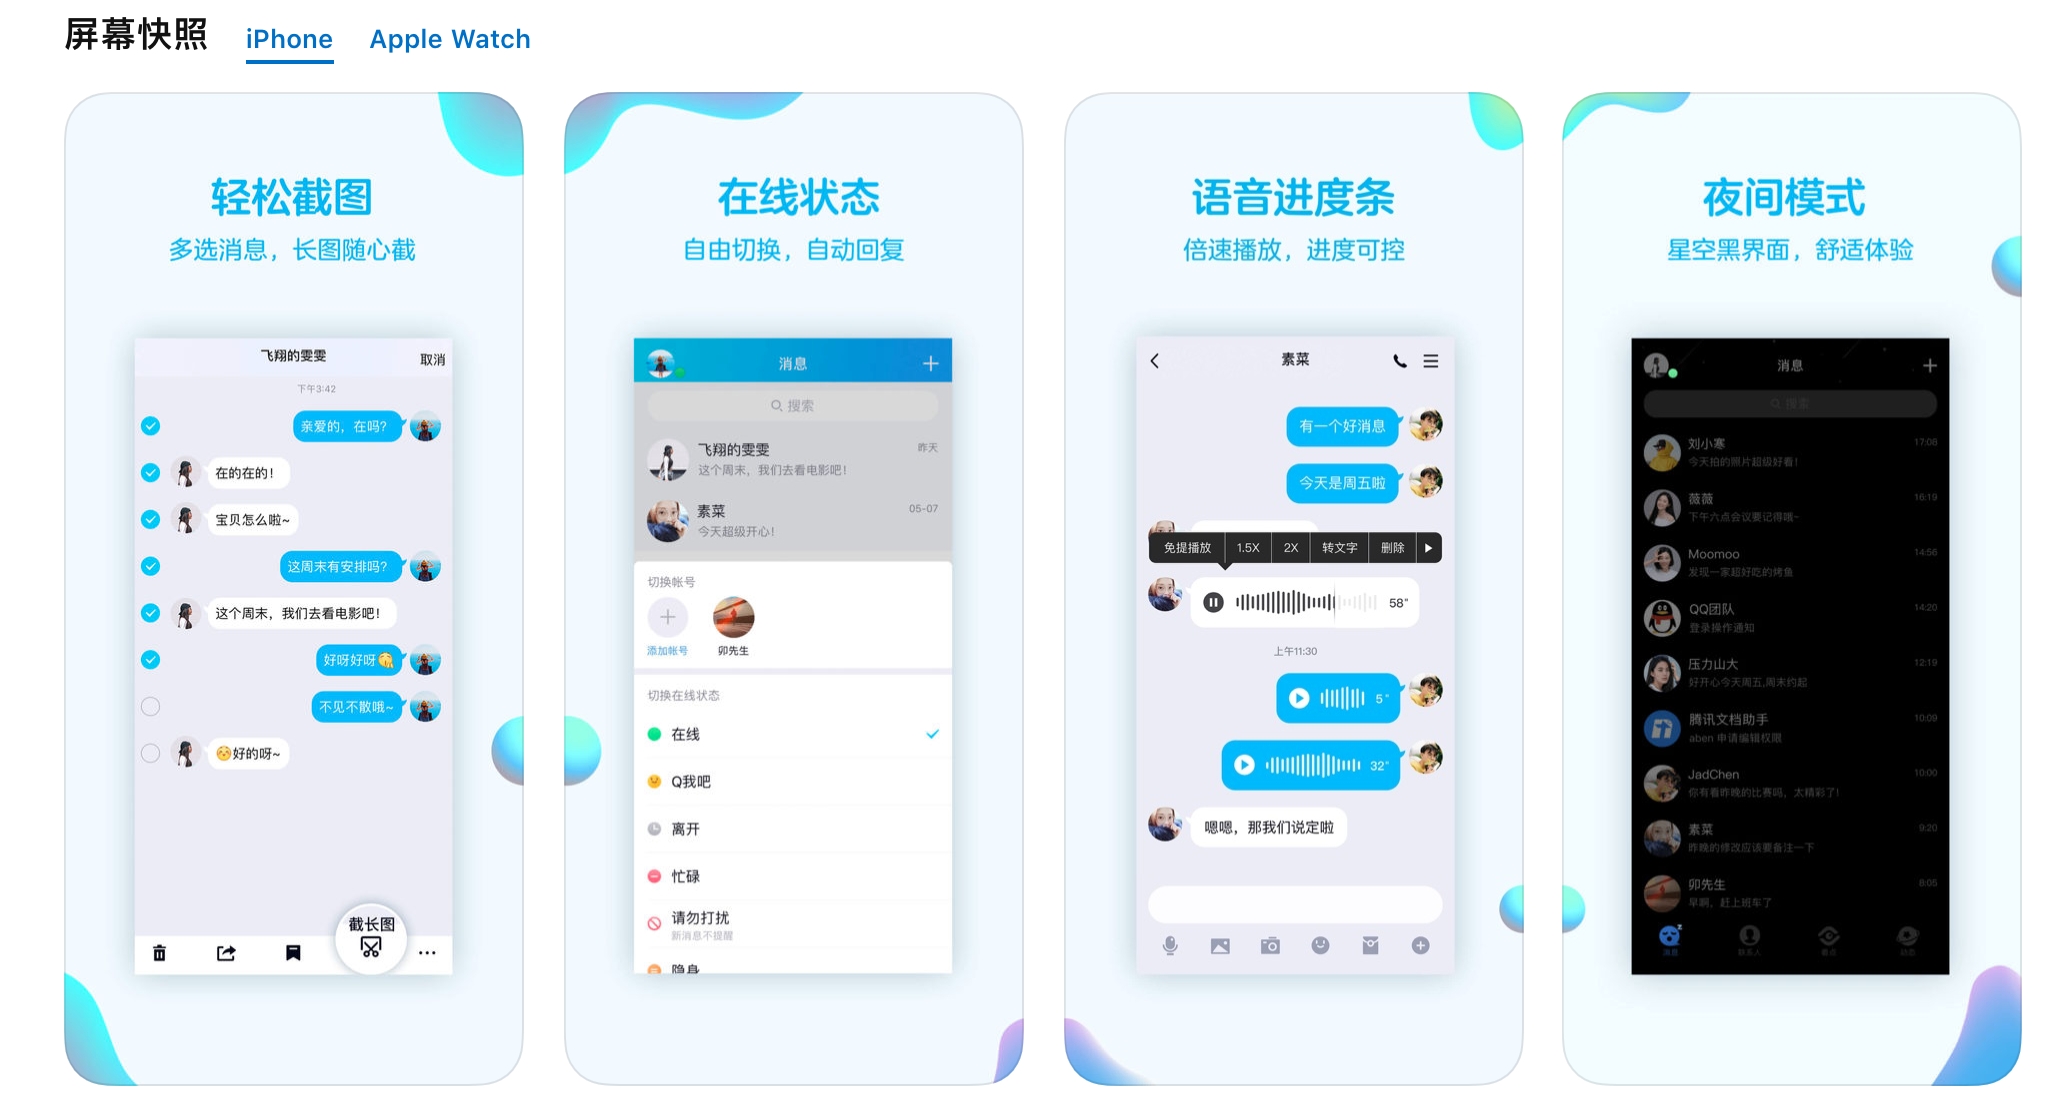 iOS版手机乐享牛牛棋牌,开元棋牌游戏,棋牌现金手机版迎来更新:长截图功能来了,黑暗模式升级